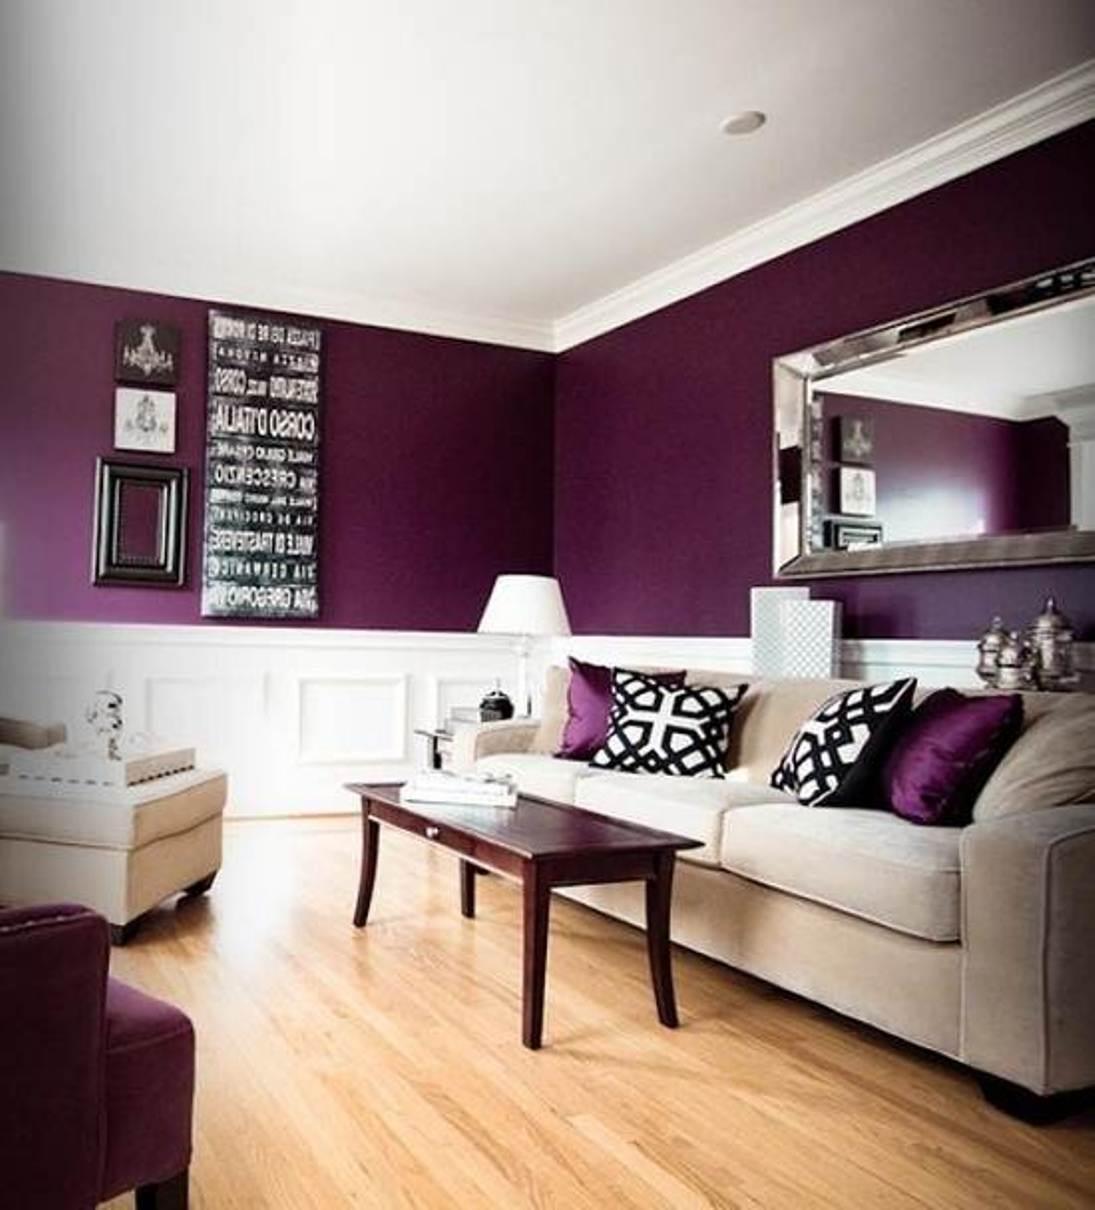 Farbgestaltung wohnzimmer mit Sofa beige und holzcouchtisch-Wandgestaltungsidee mit Spiegel und schwarzen Bildrahmen